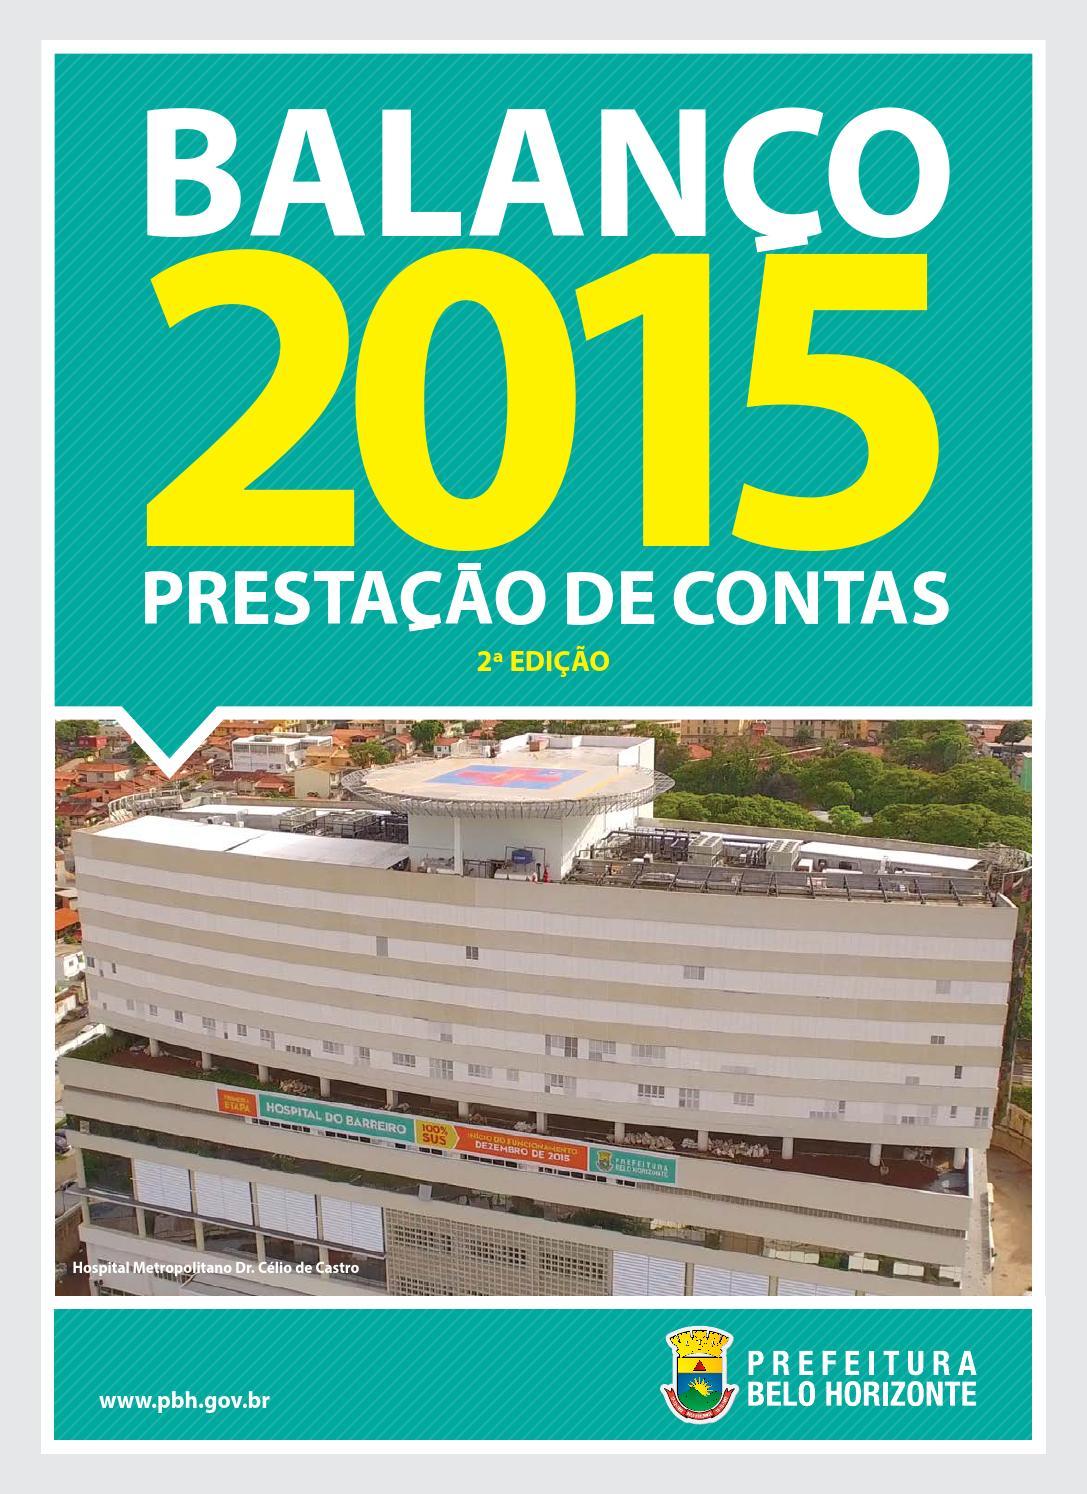 e7c33759e05 Balanço 2015 by PBH Geel - issuu